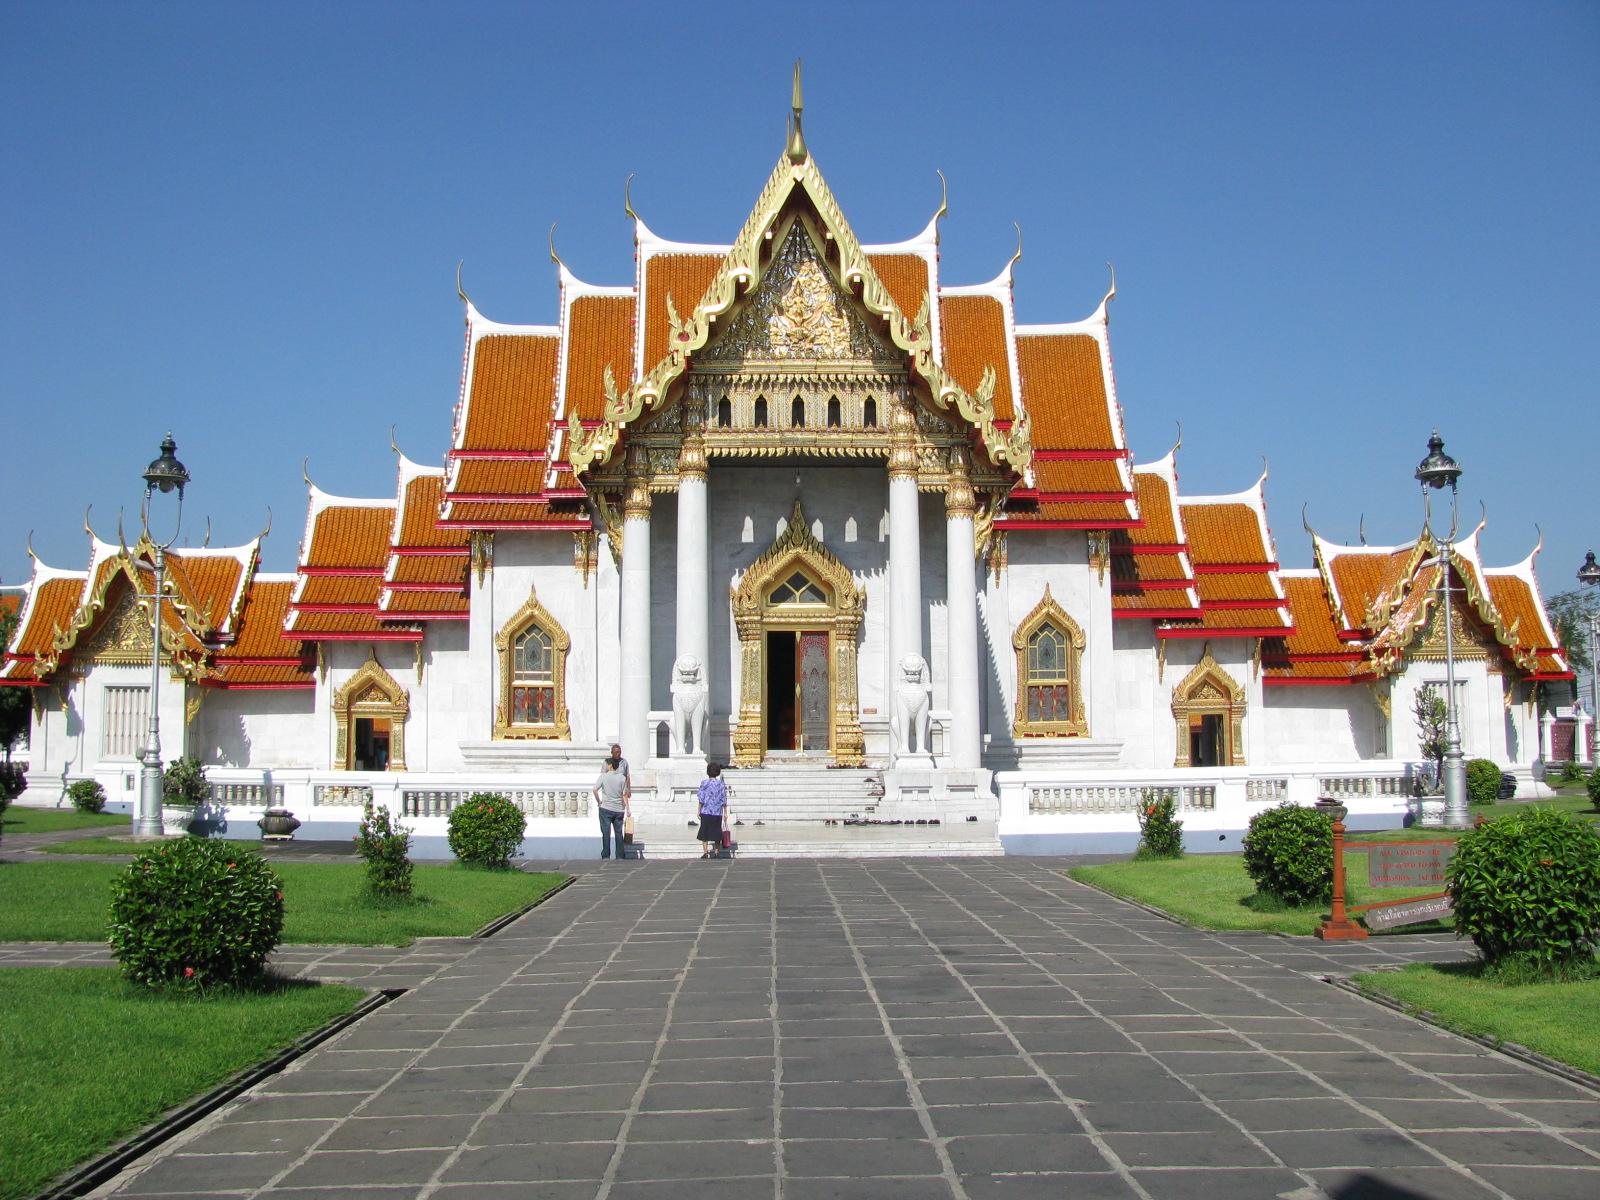 File:Wat Benchamabophit Dusitvanaram 02.jpg